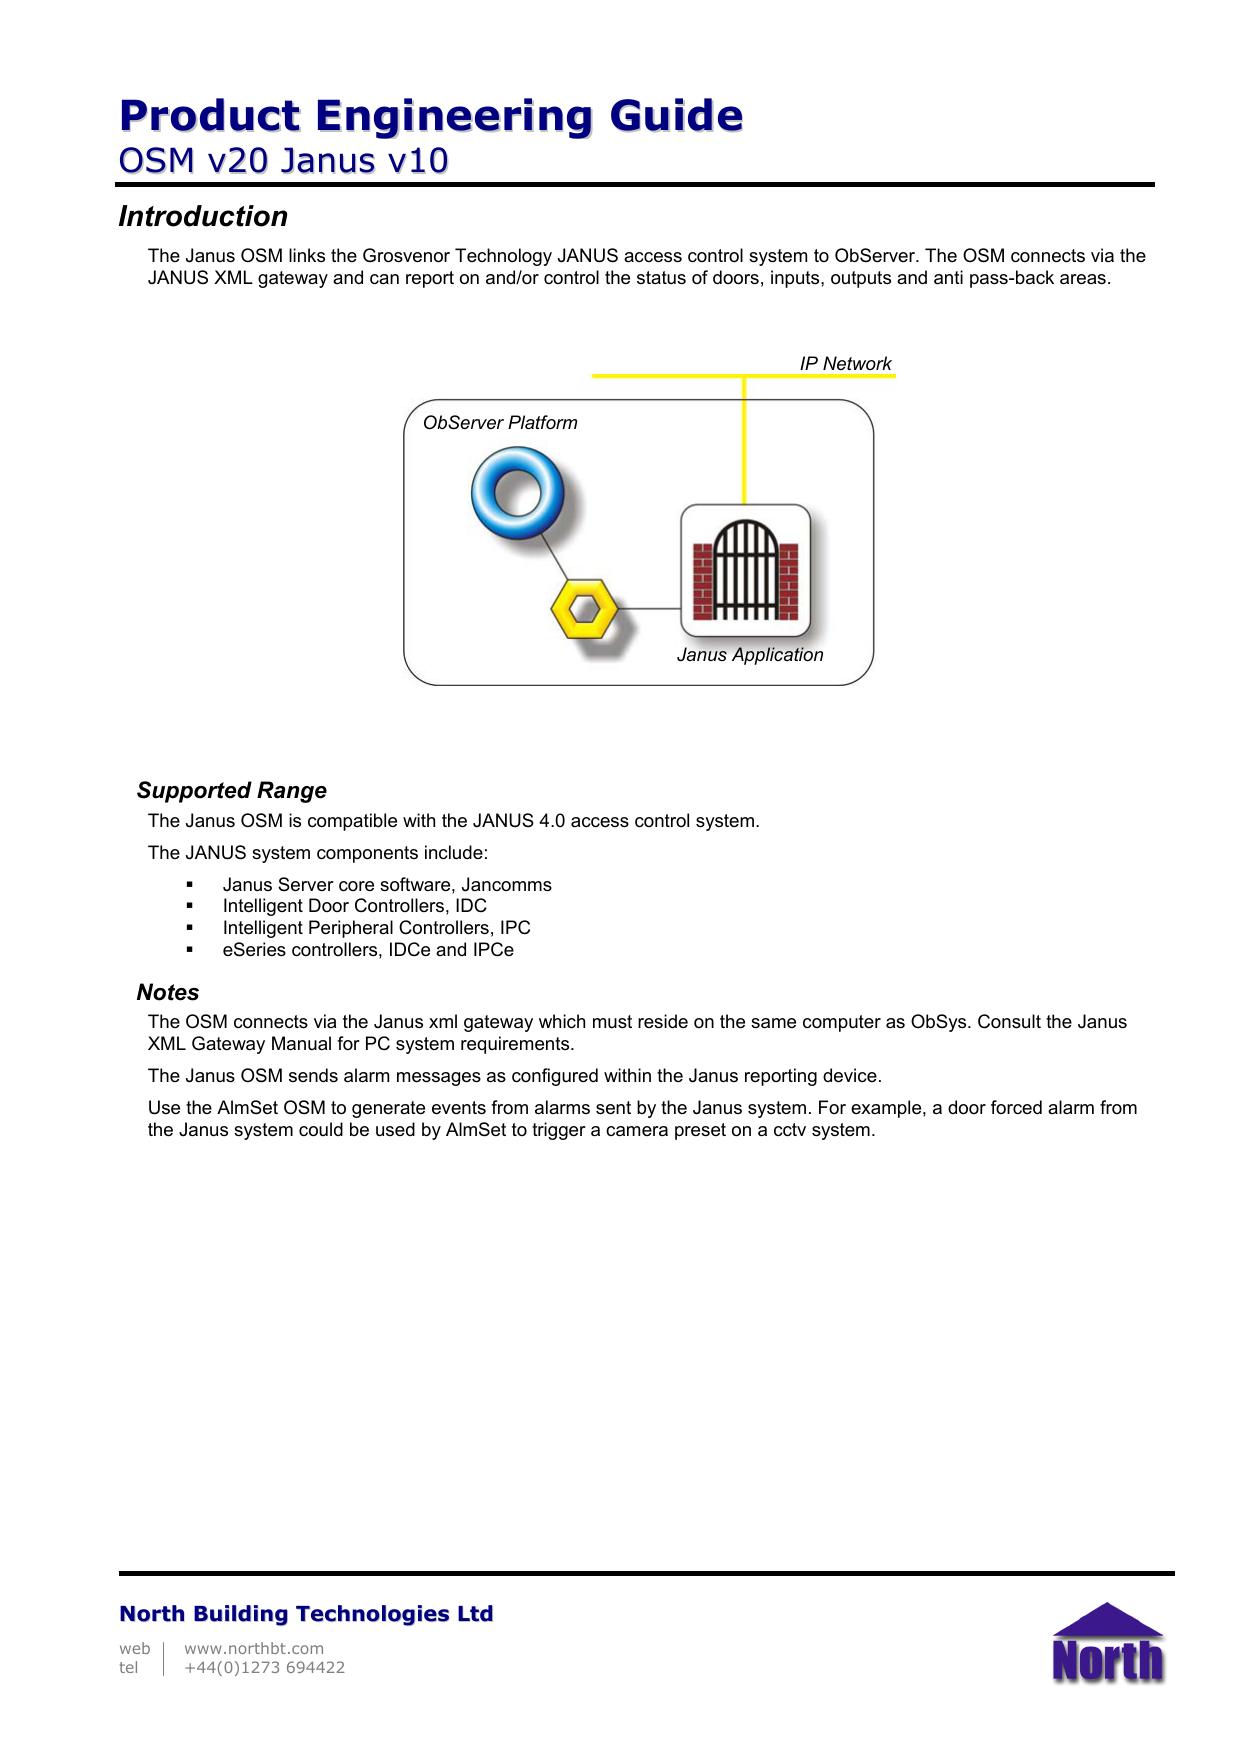 OSM v20 Janus v10 - North Building Technologies | manualzz com